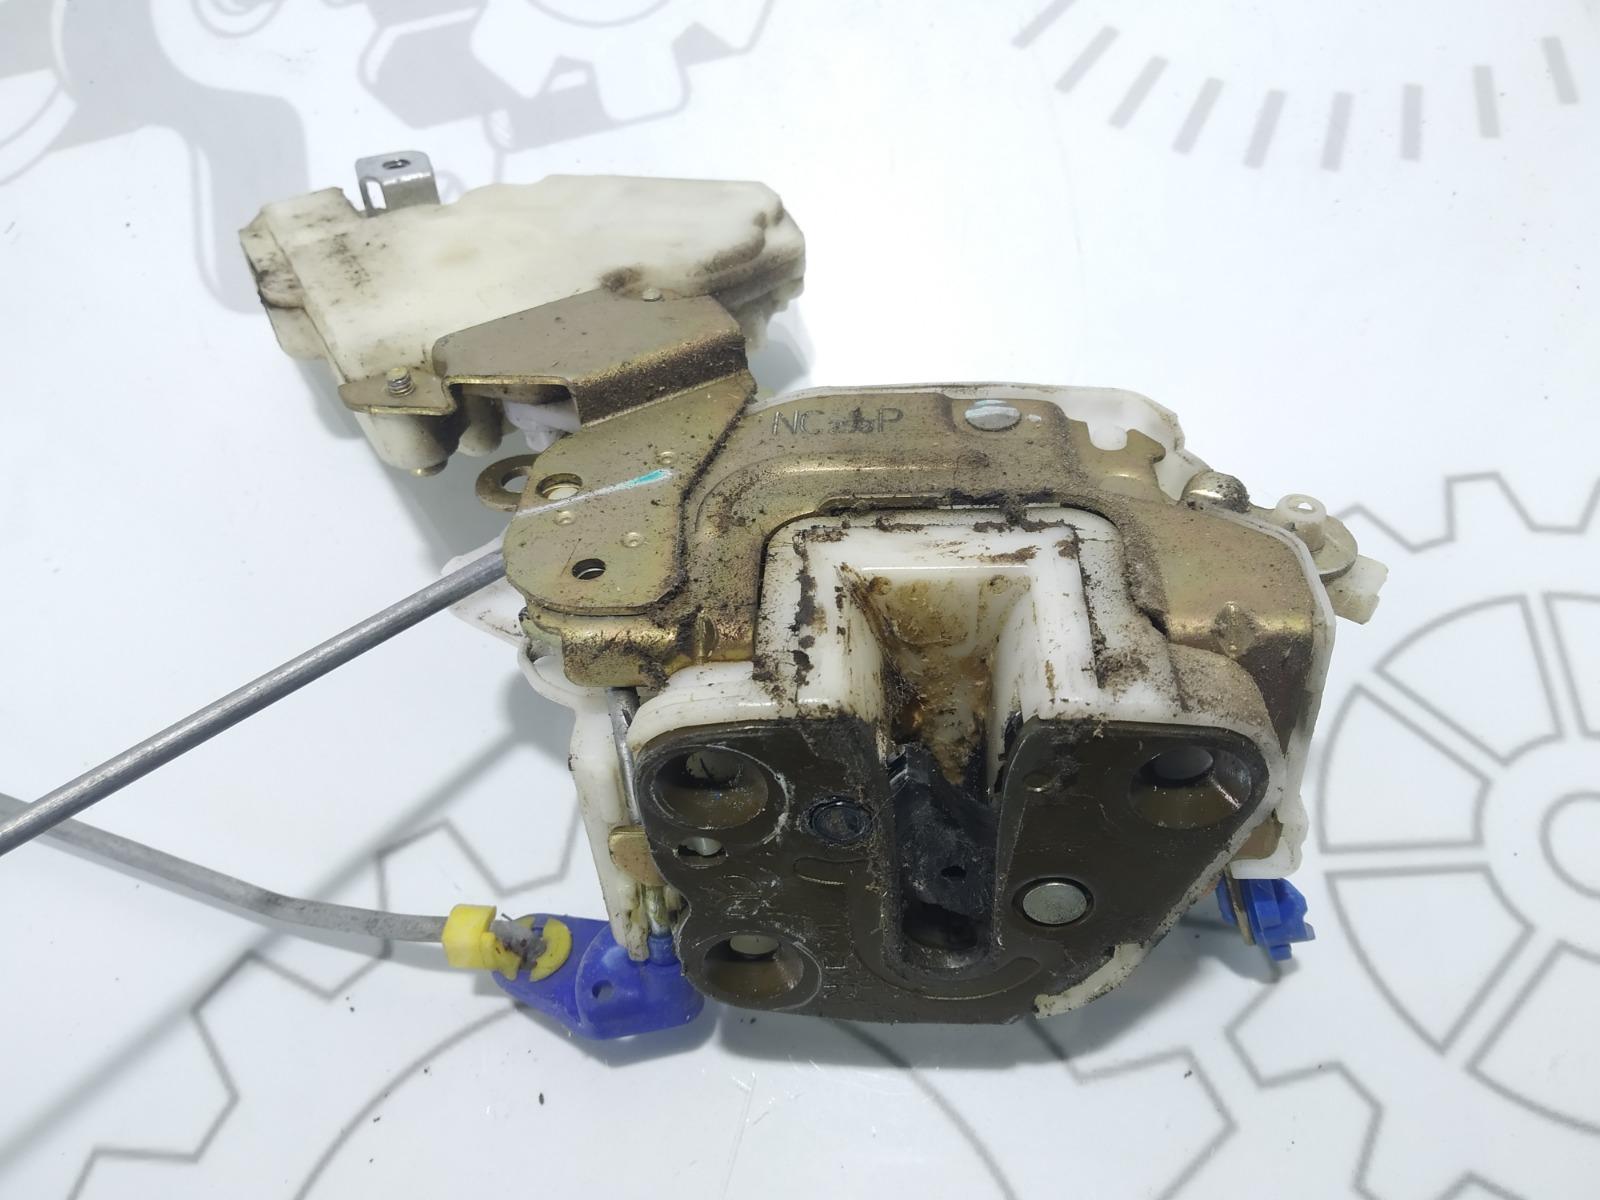 Замок двери передней правой Nissan Vanette C23 2.3 D 2001 (б/у)